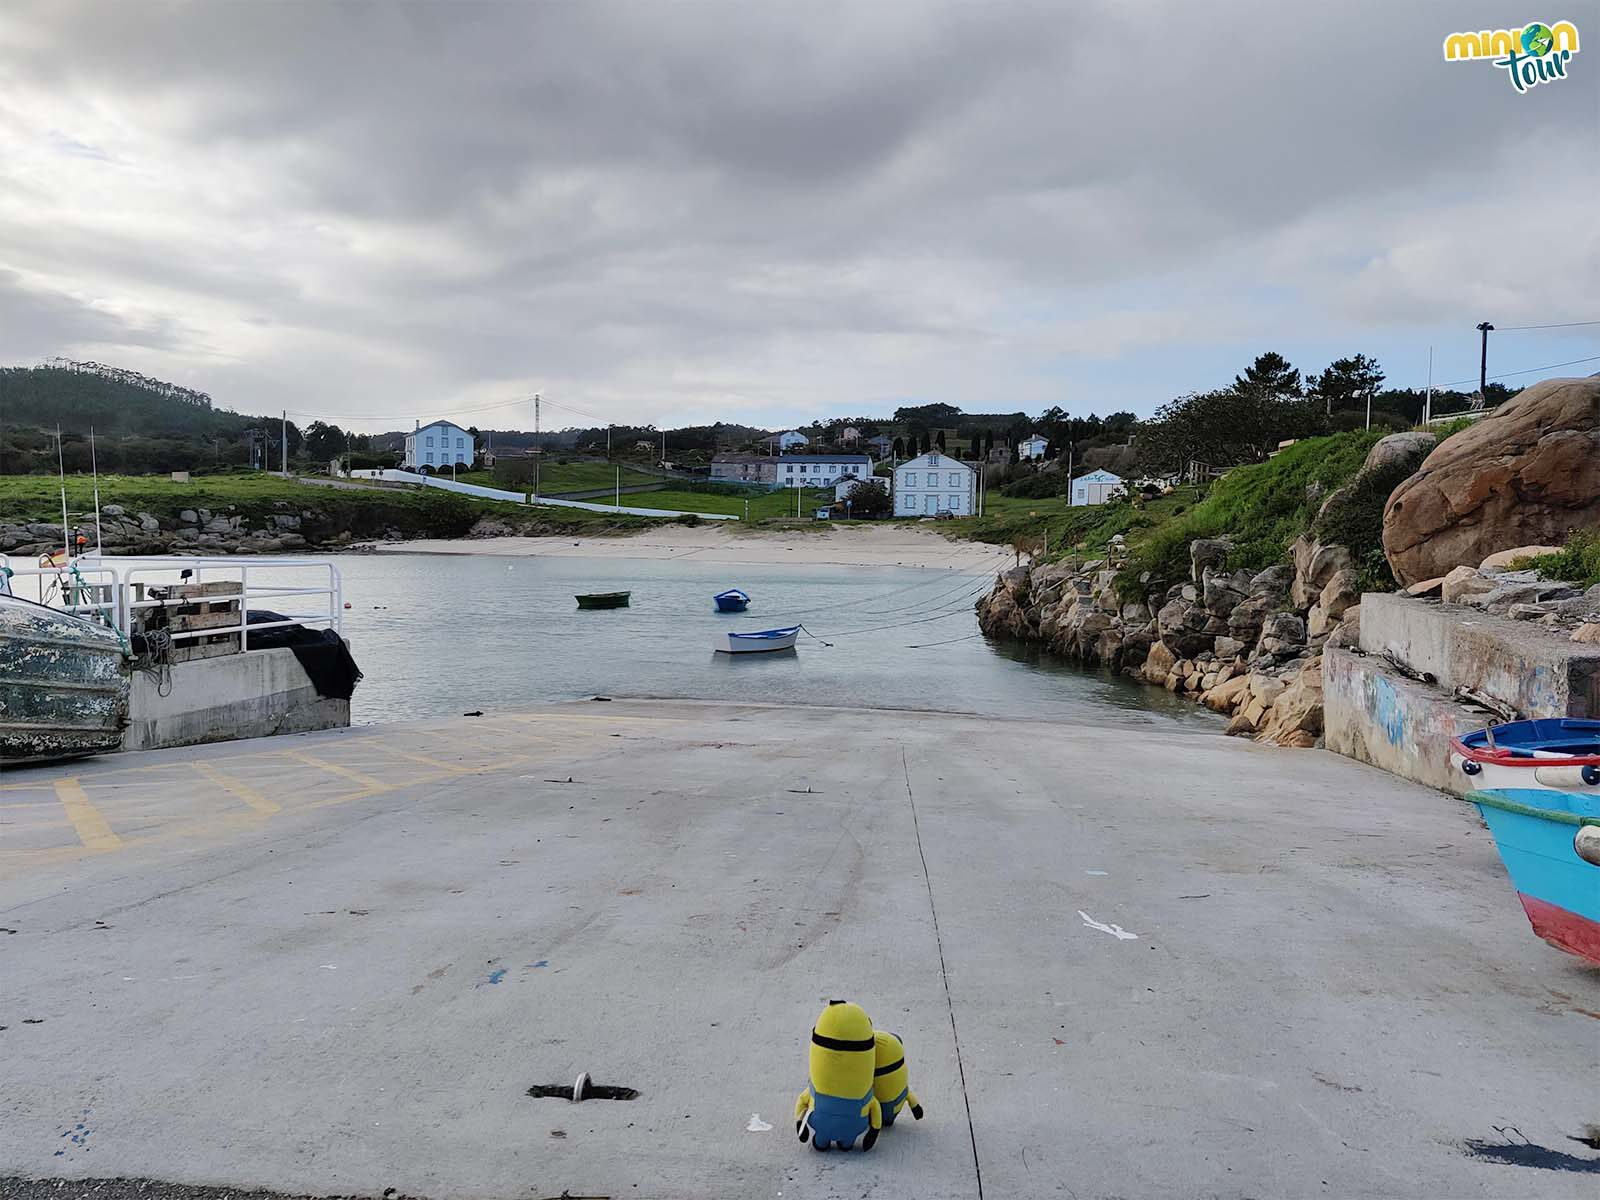 Minions en el Portiño de Morás en la costa de Lugo